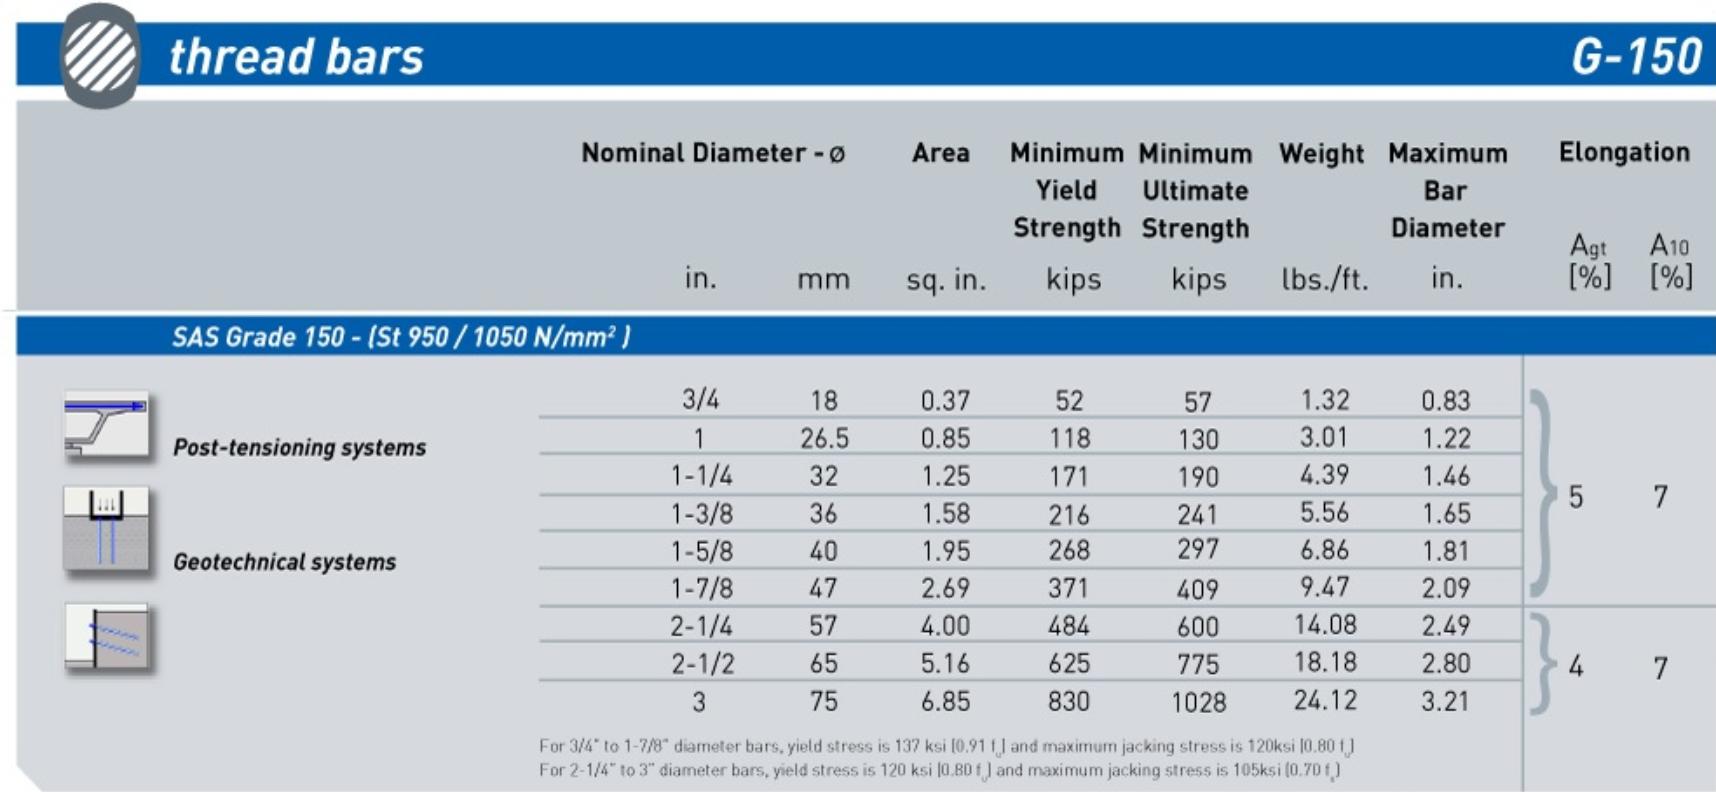 Gr 150 bar chart